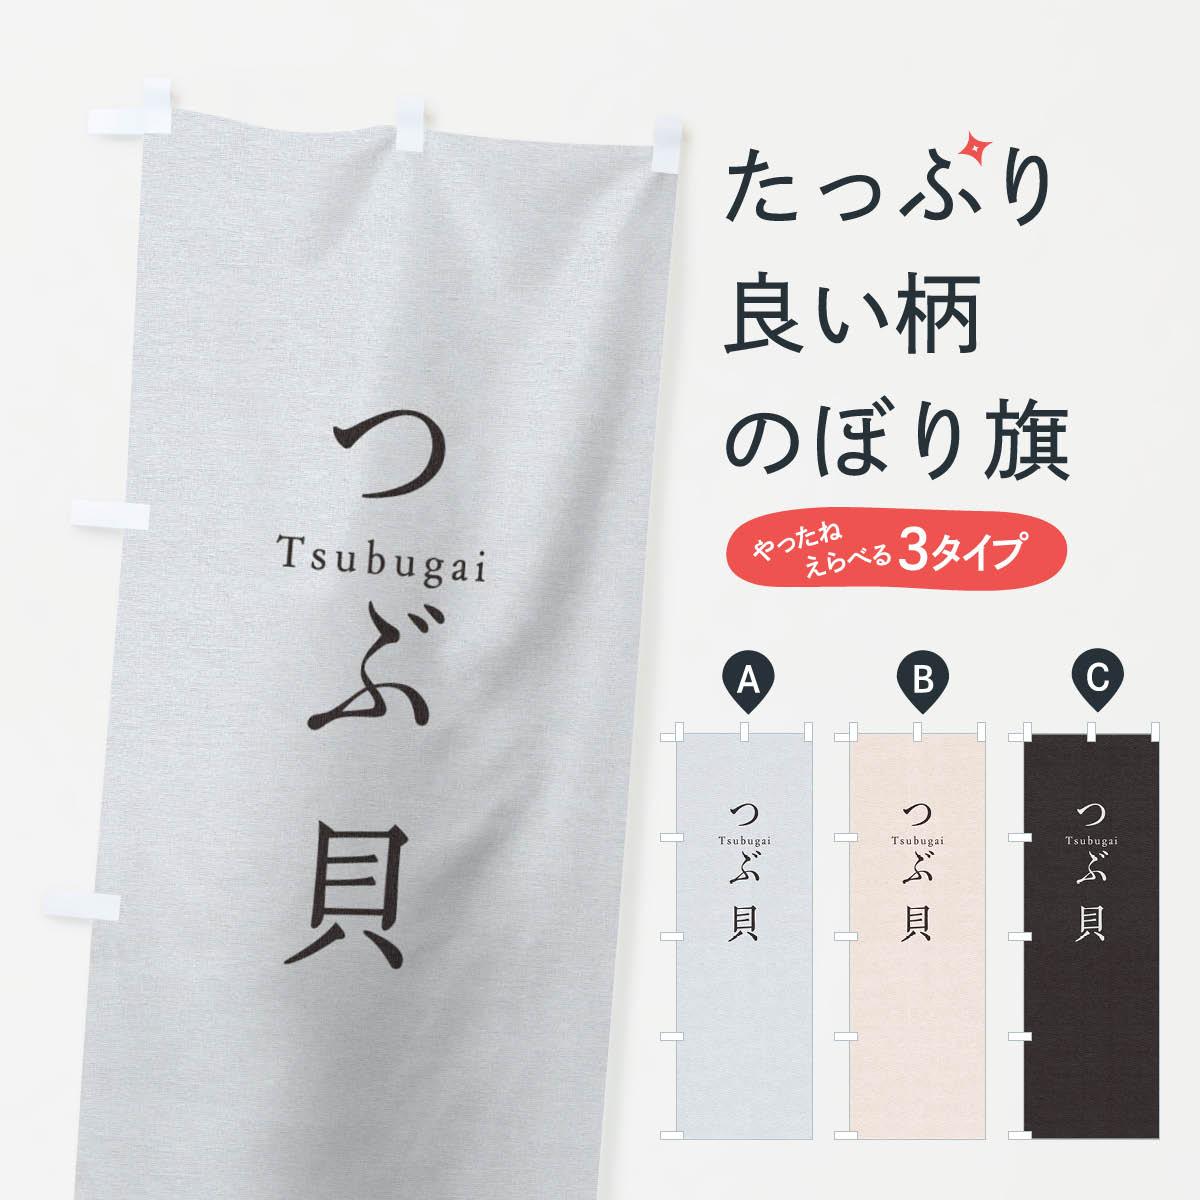 【3980送料無料】 のぼり旗 つぶ貝のぼり 寿司 ネタ 刺身 魚介名